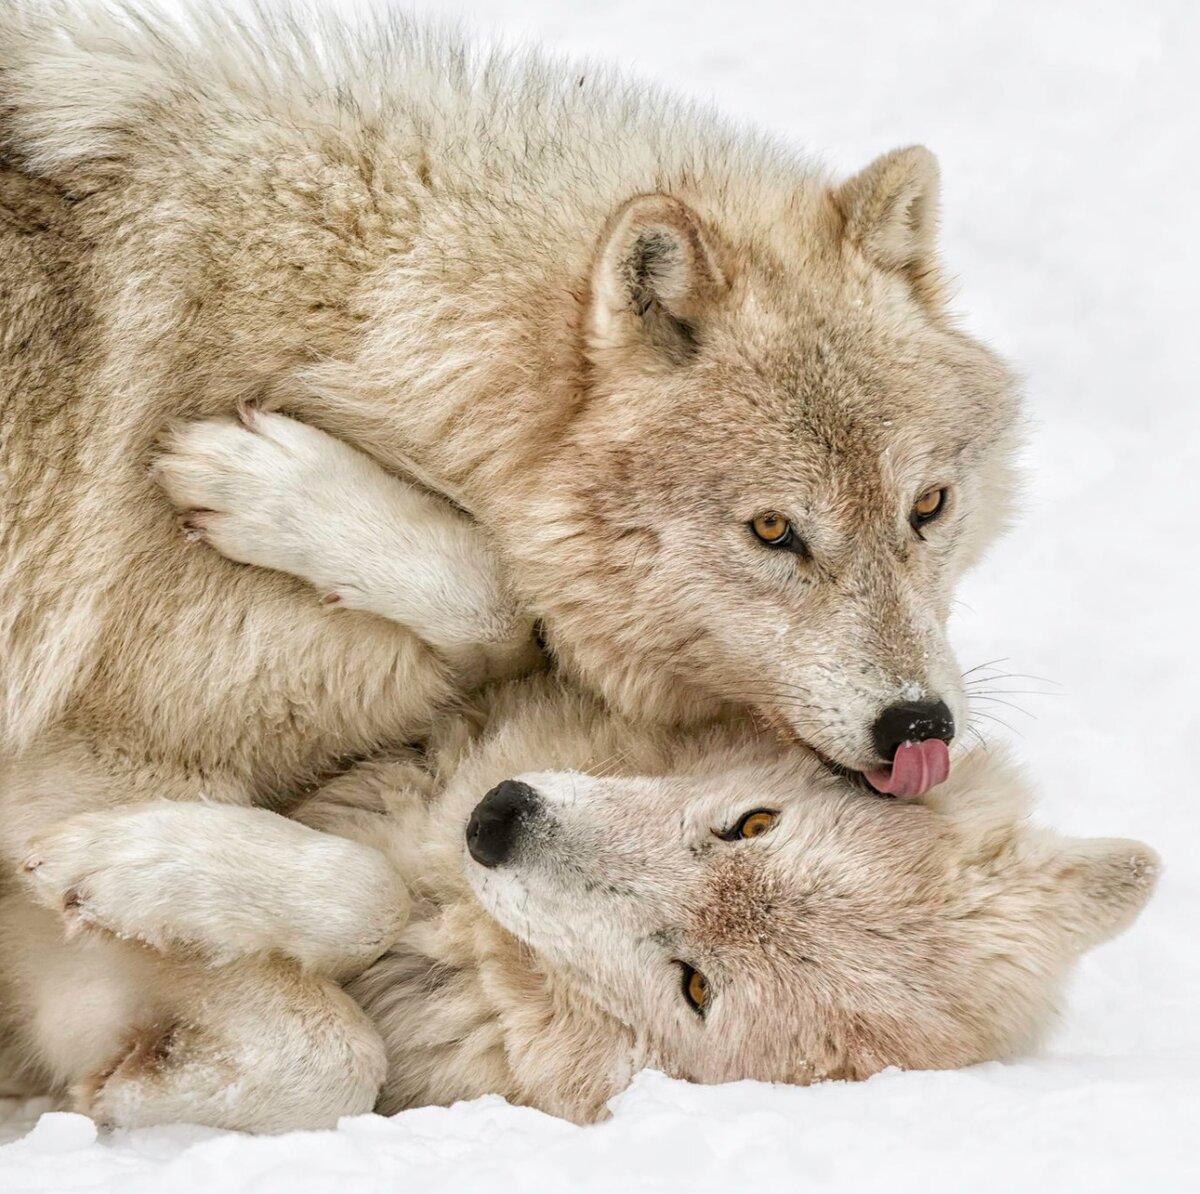 целующиеся волки признания в любви картинки примерила